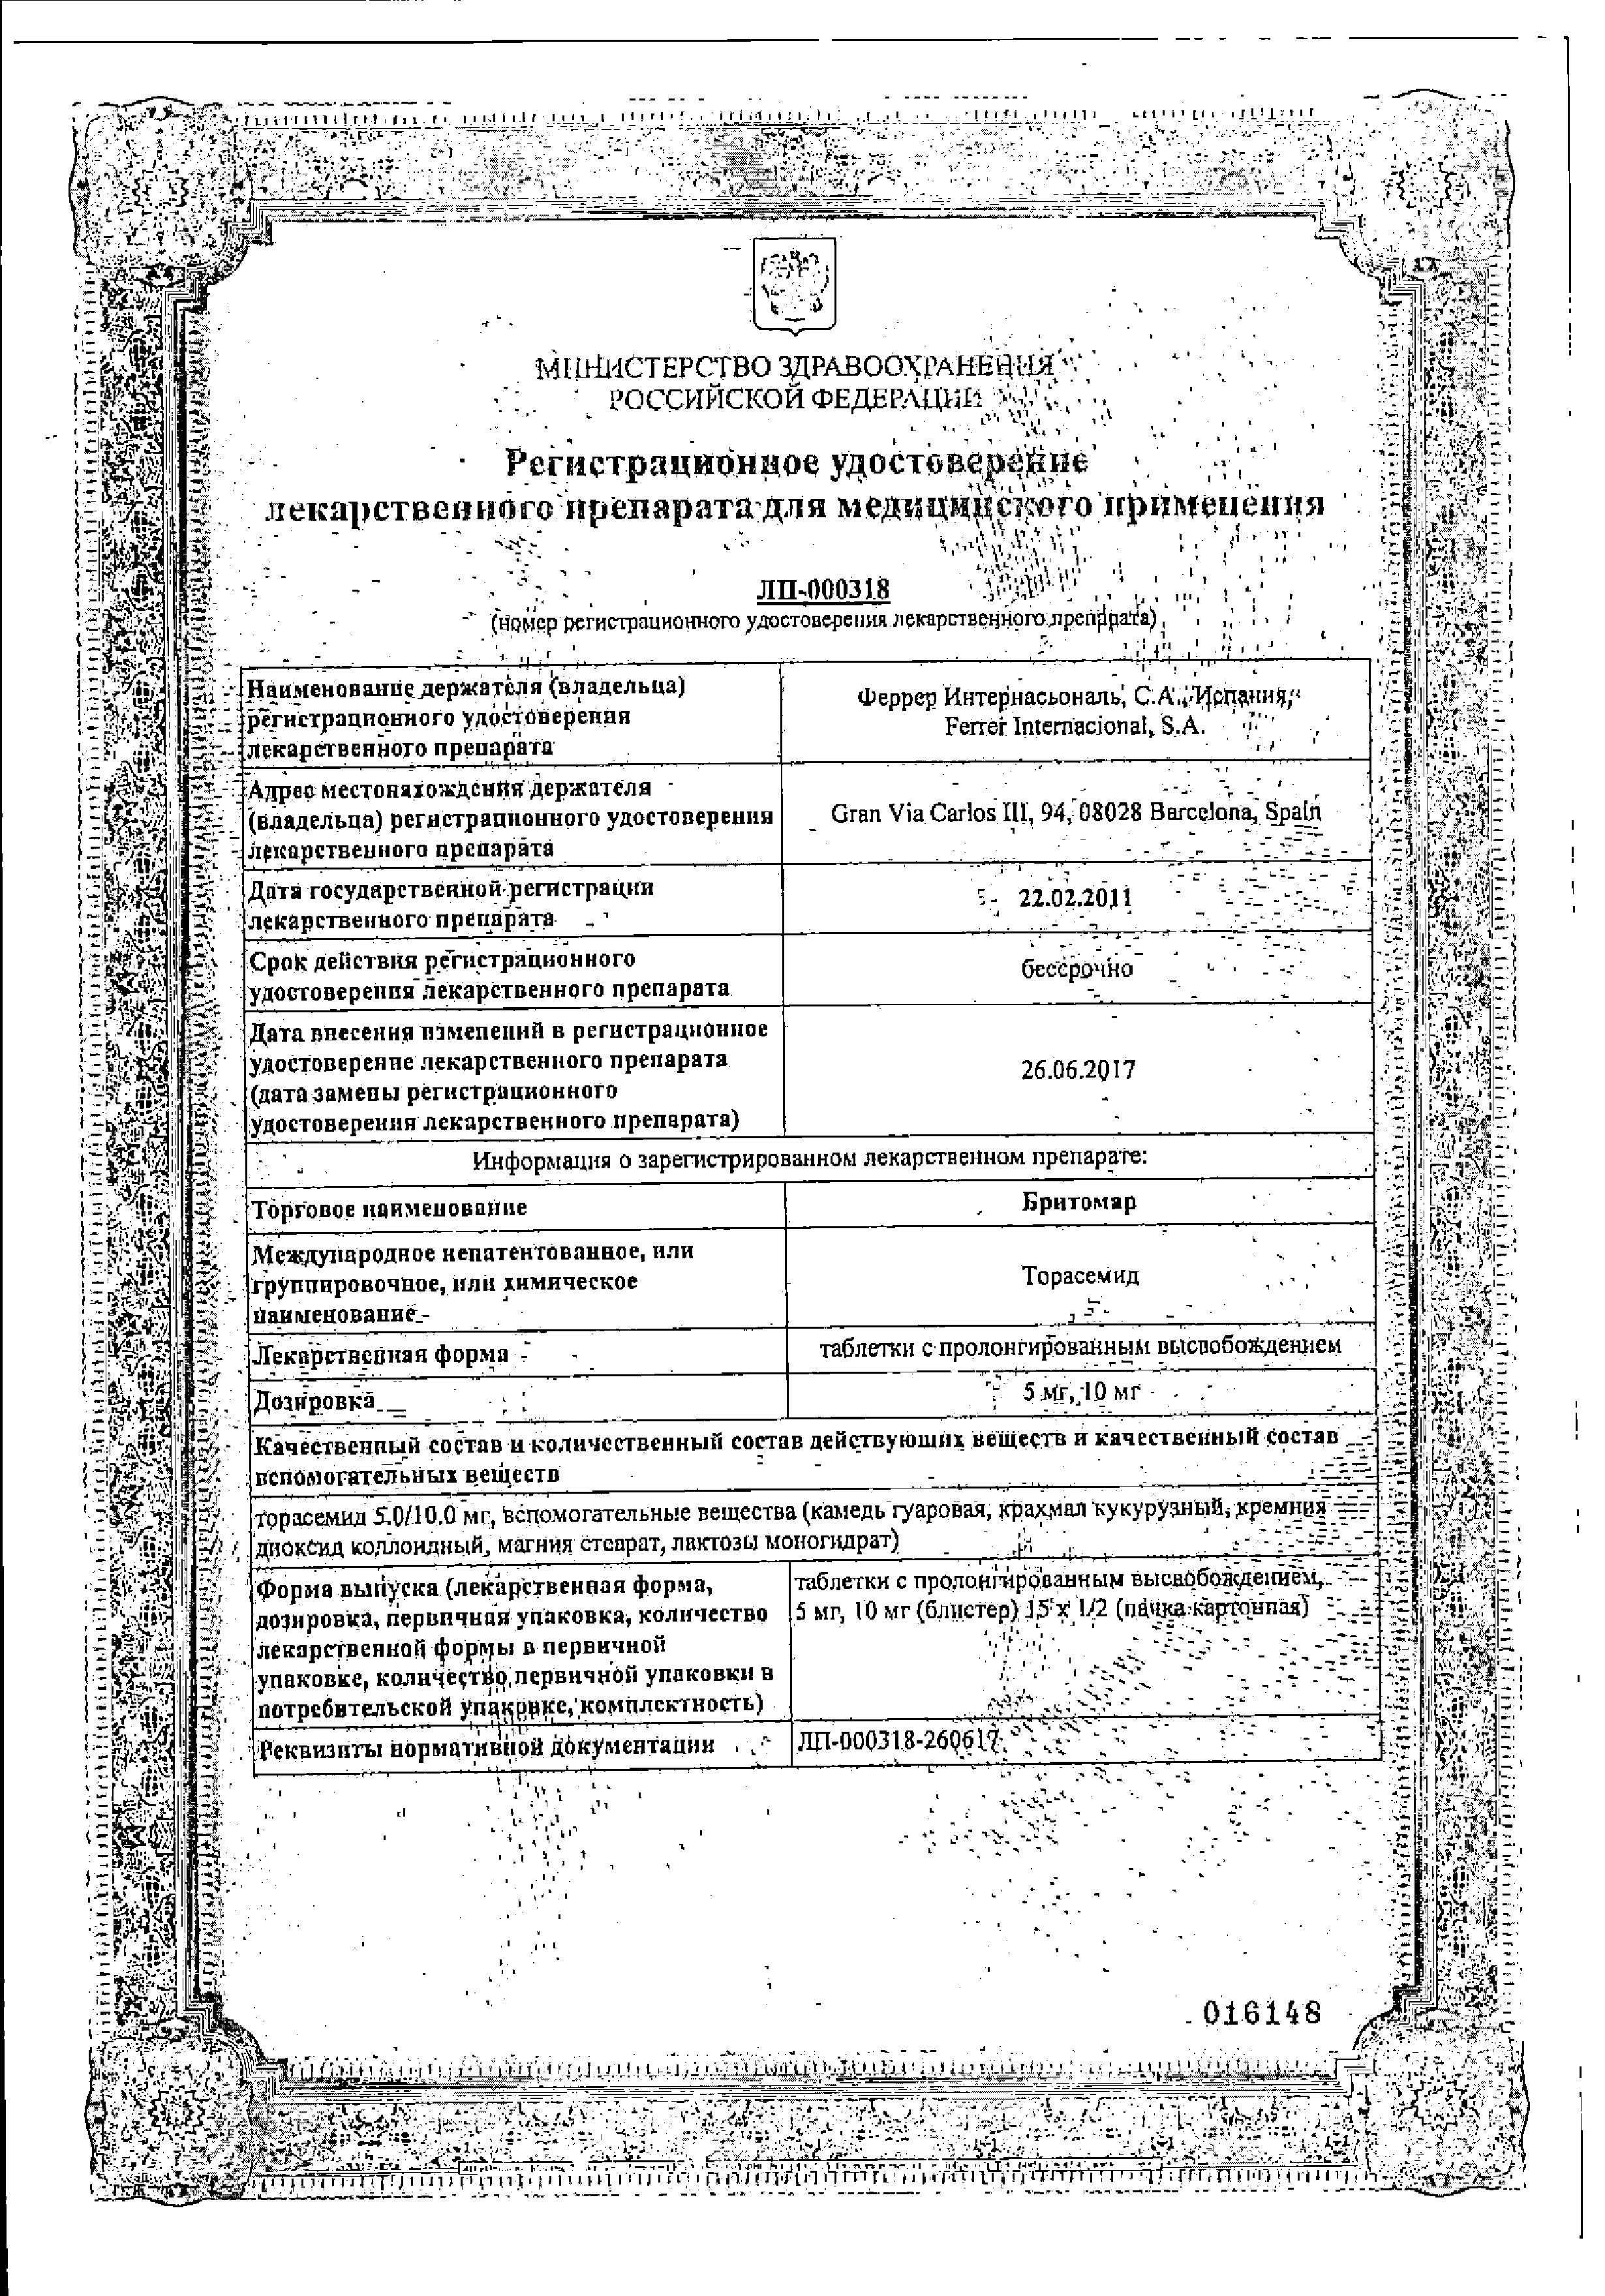 Бритомар сертификат